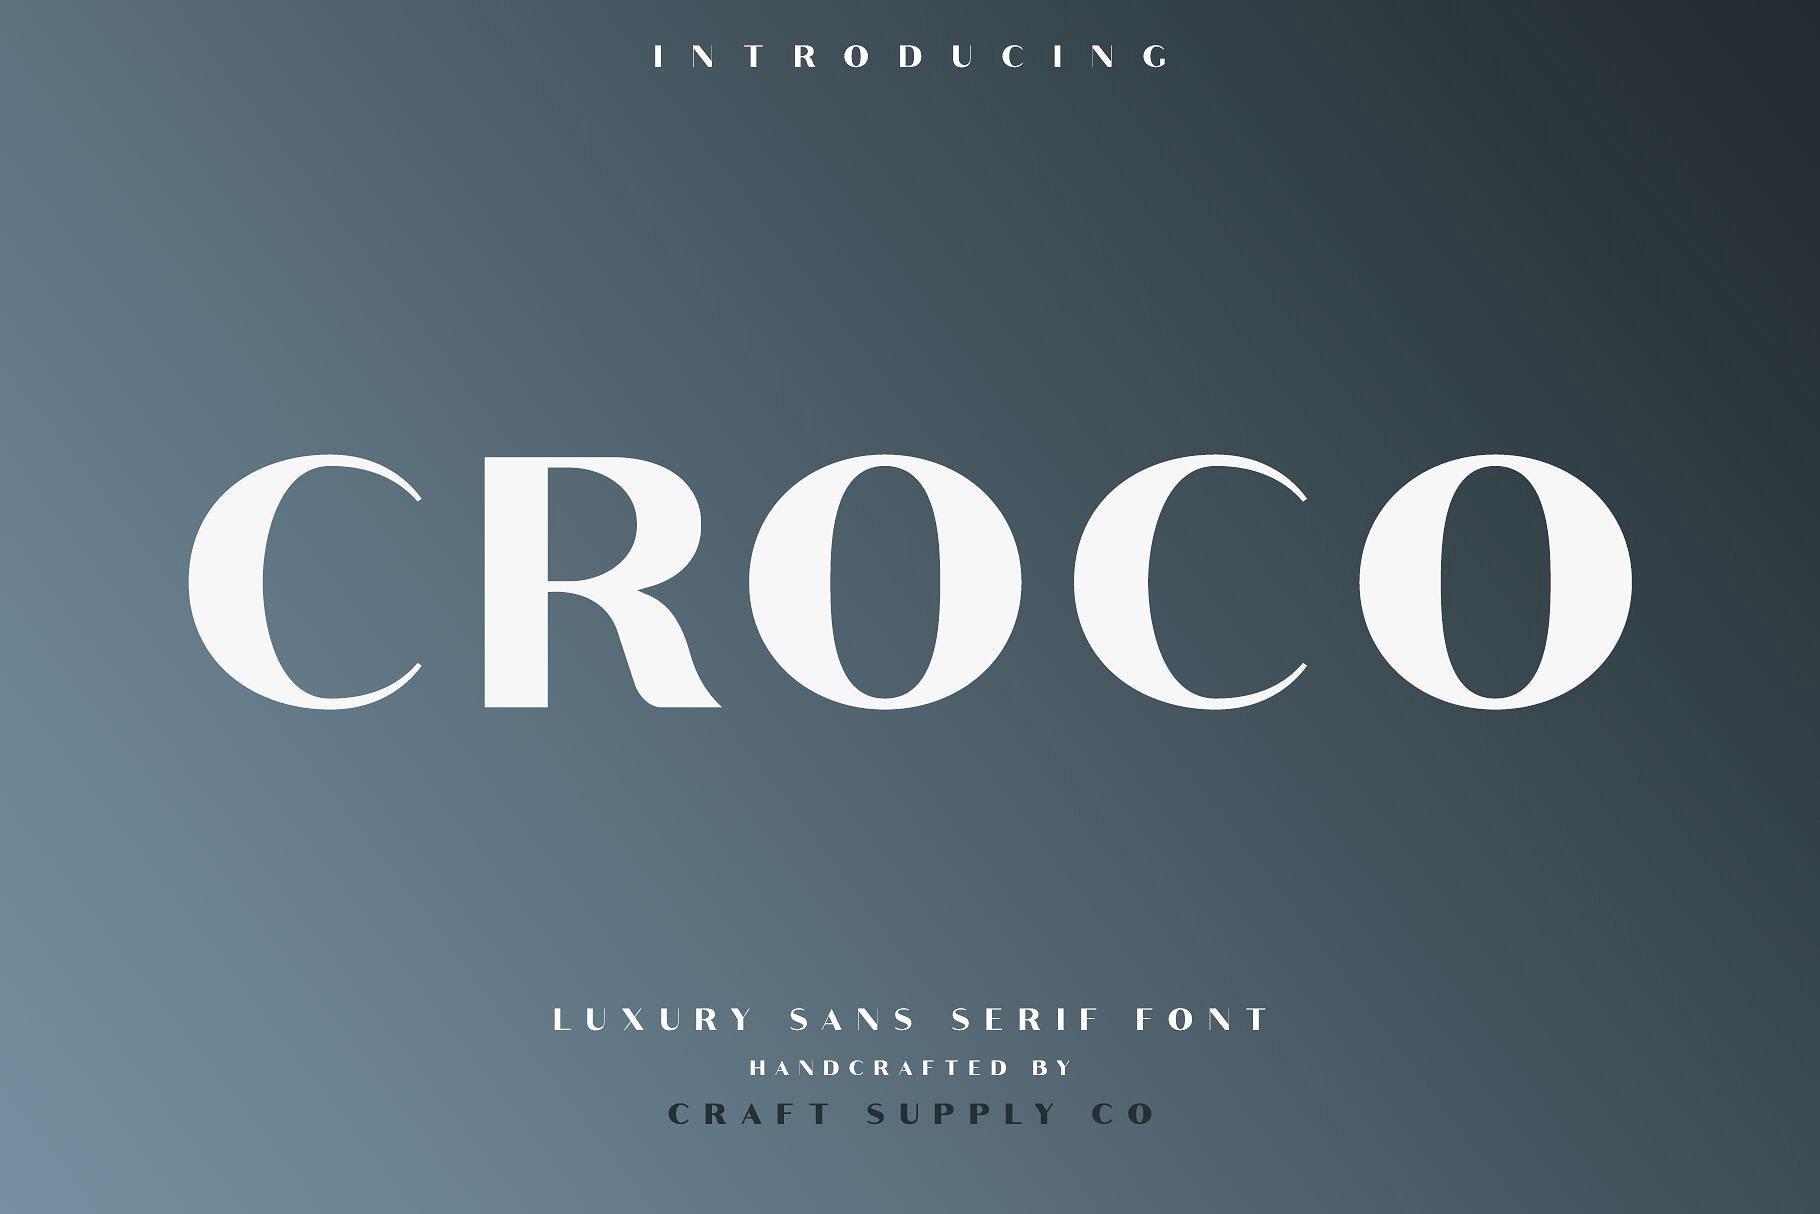 croco-sans-serif-font